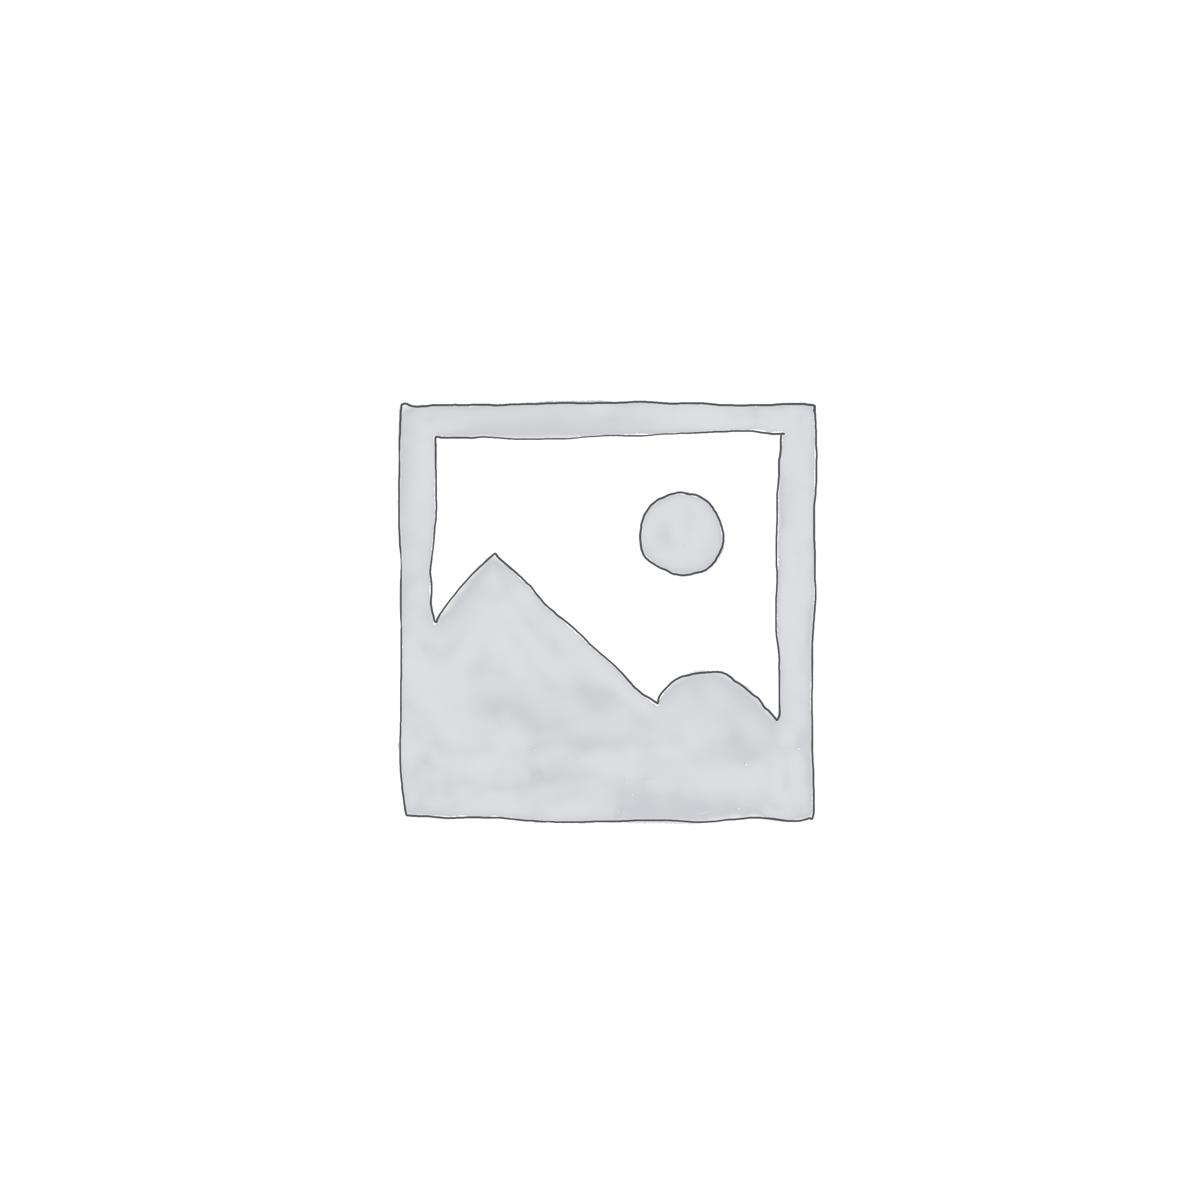 Madera laminada de abeto